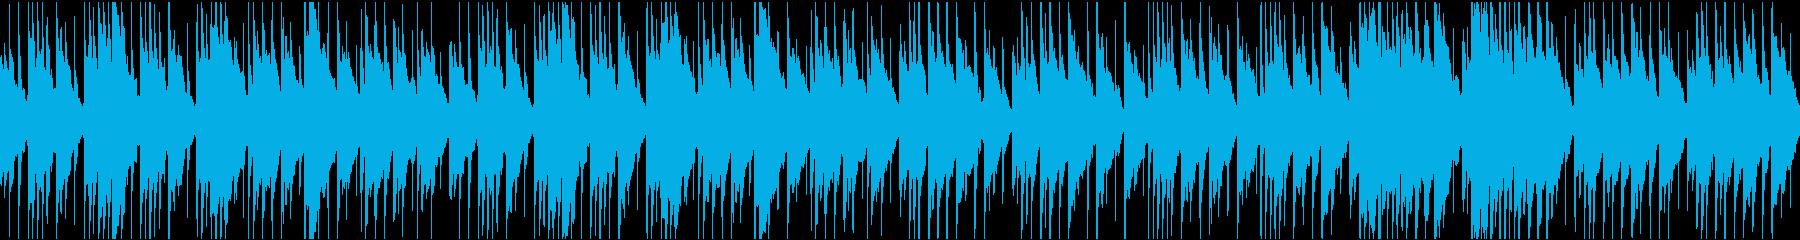 日常・シュミレーション・家の中での会話の再生済みの波形